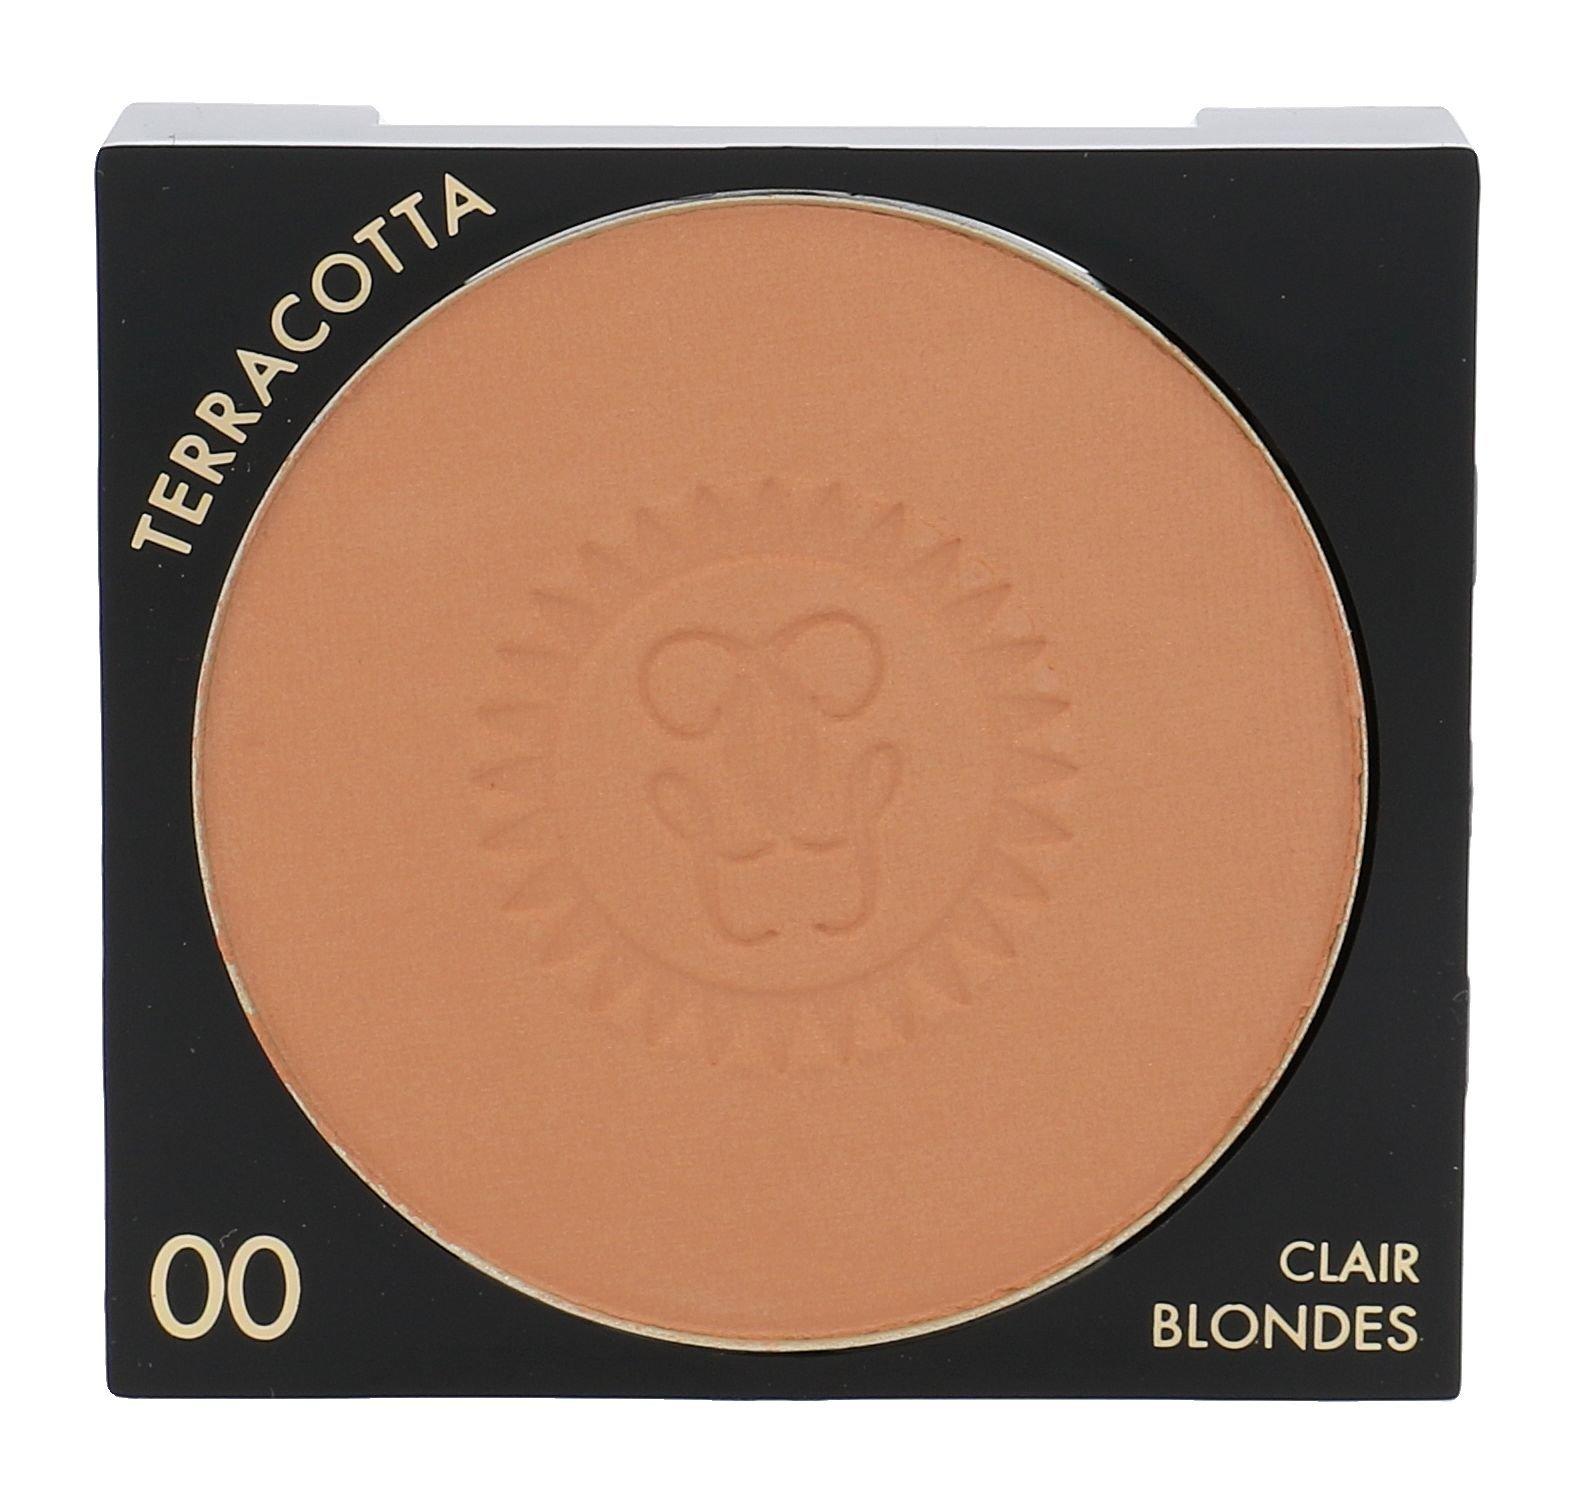 Guerlain Terracotta Cosmetic 6ml 00 Light-Blondes